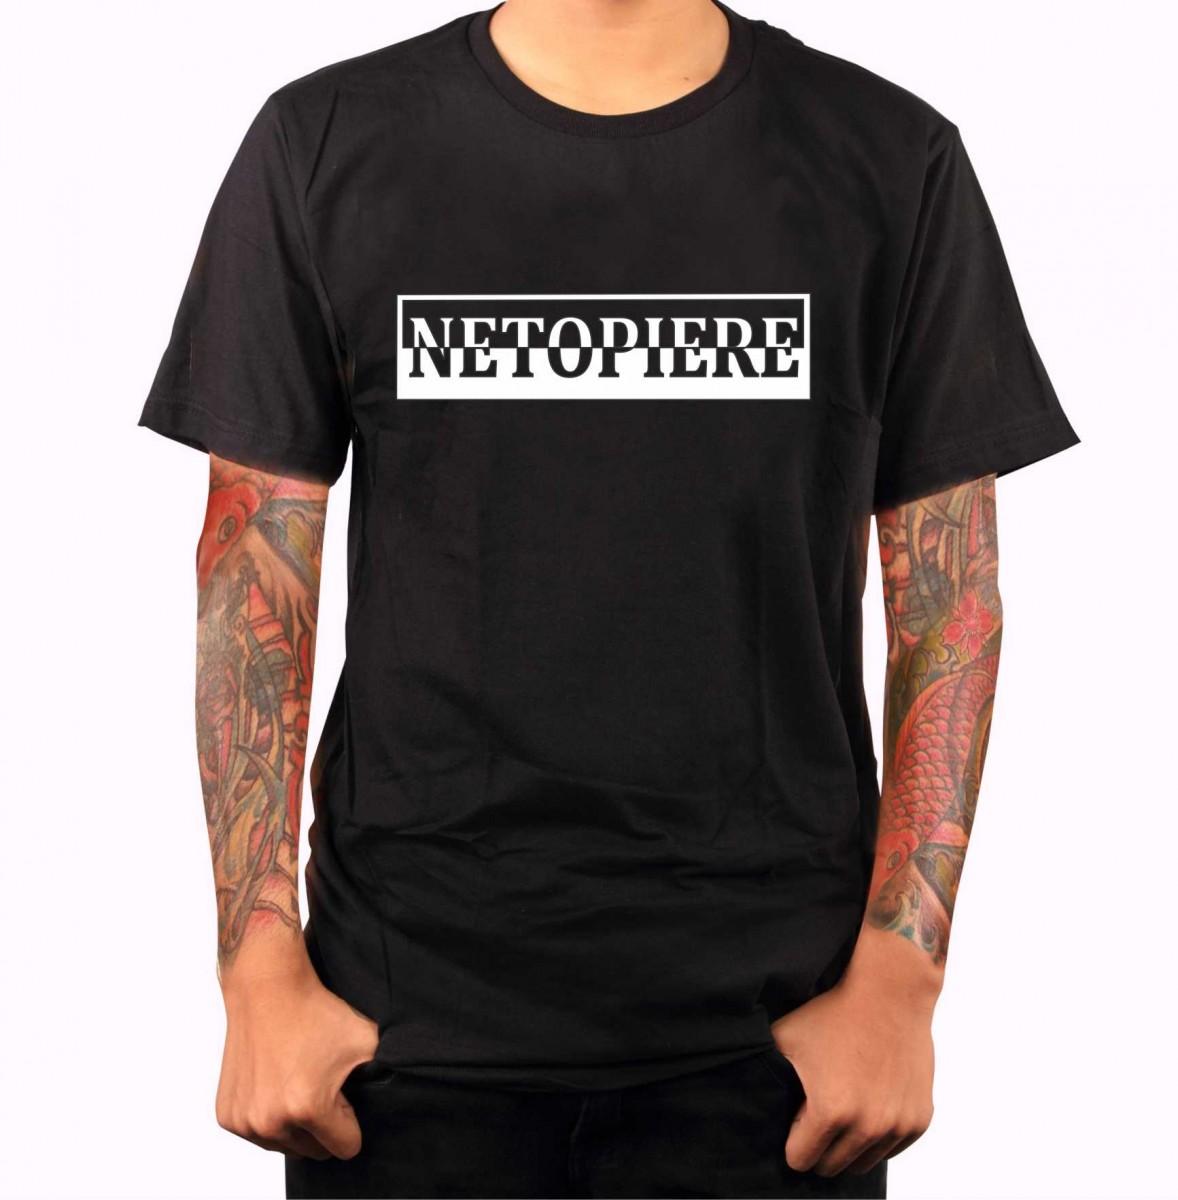 b92e423577 Značkové tričko - NETOPIERE ǀ Fajntričko.sk